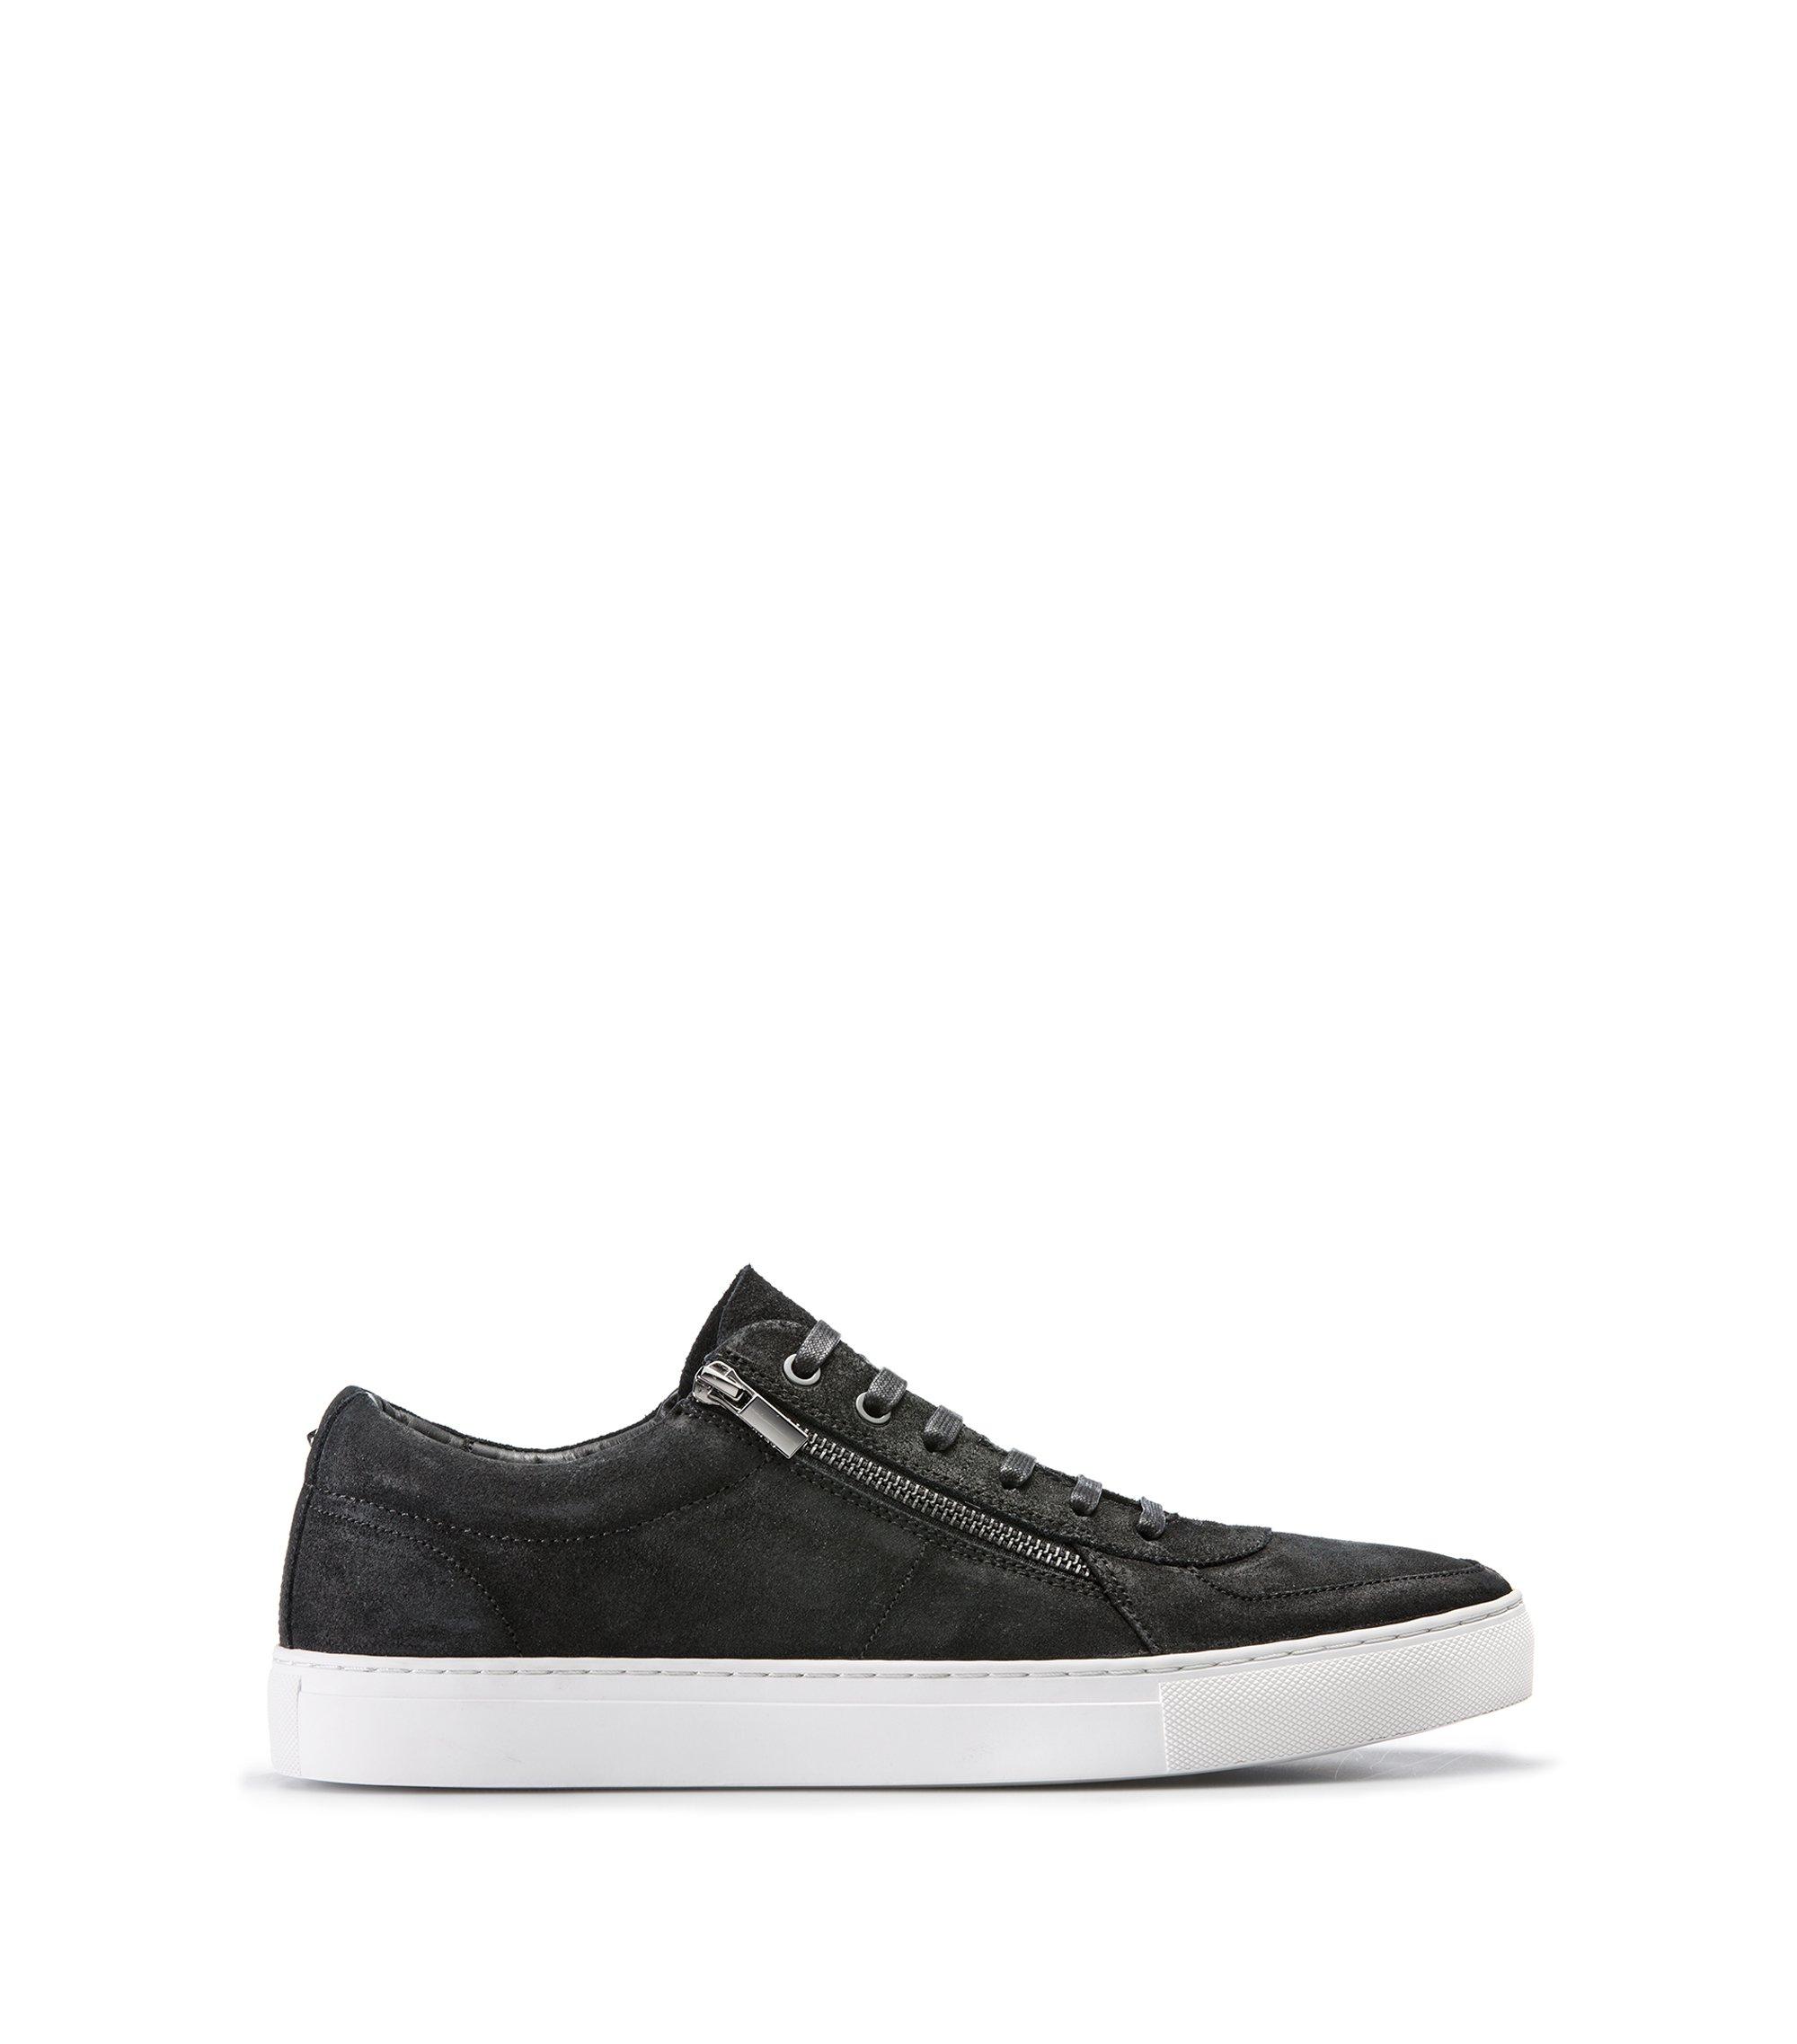 Sneakers aus gewachstem Veloursleder mit doppeltem Reißverschluss, Schwarz